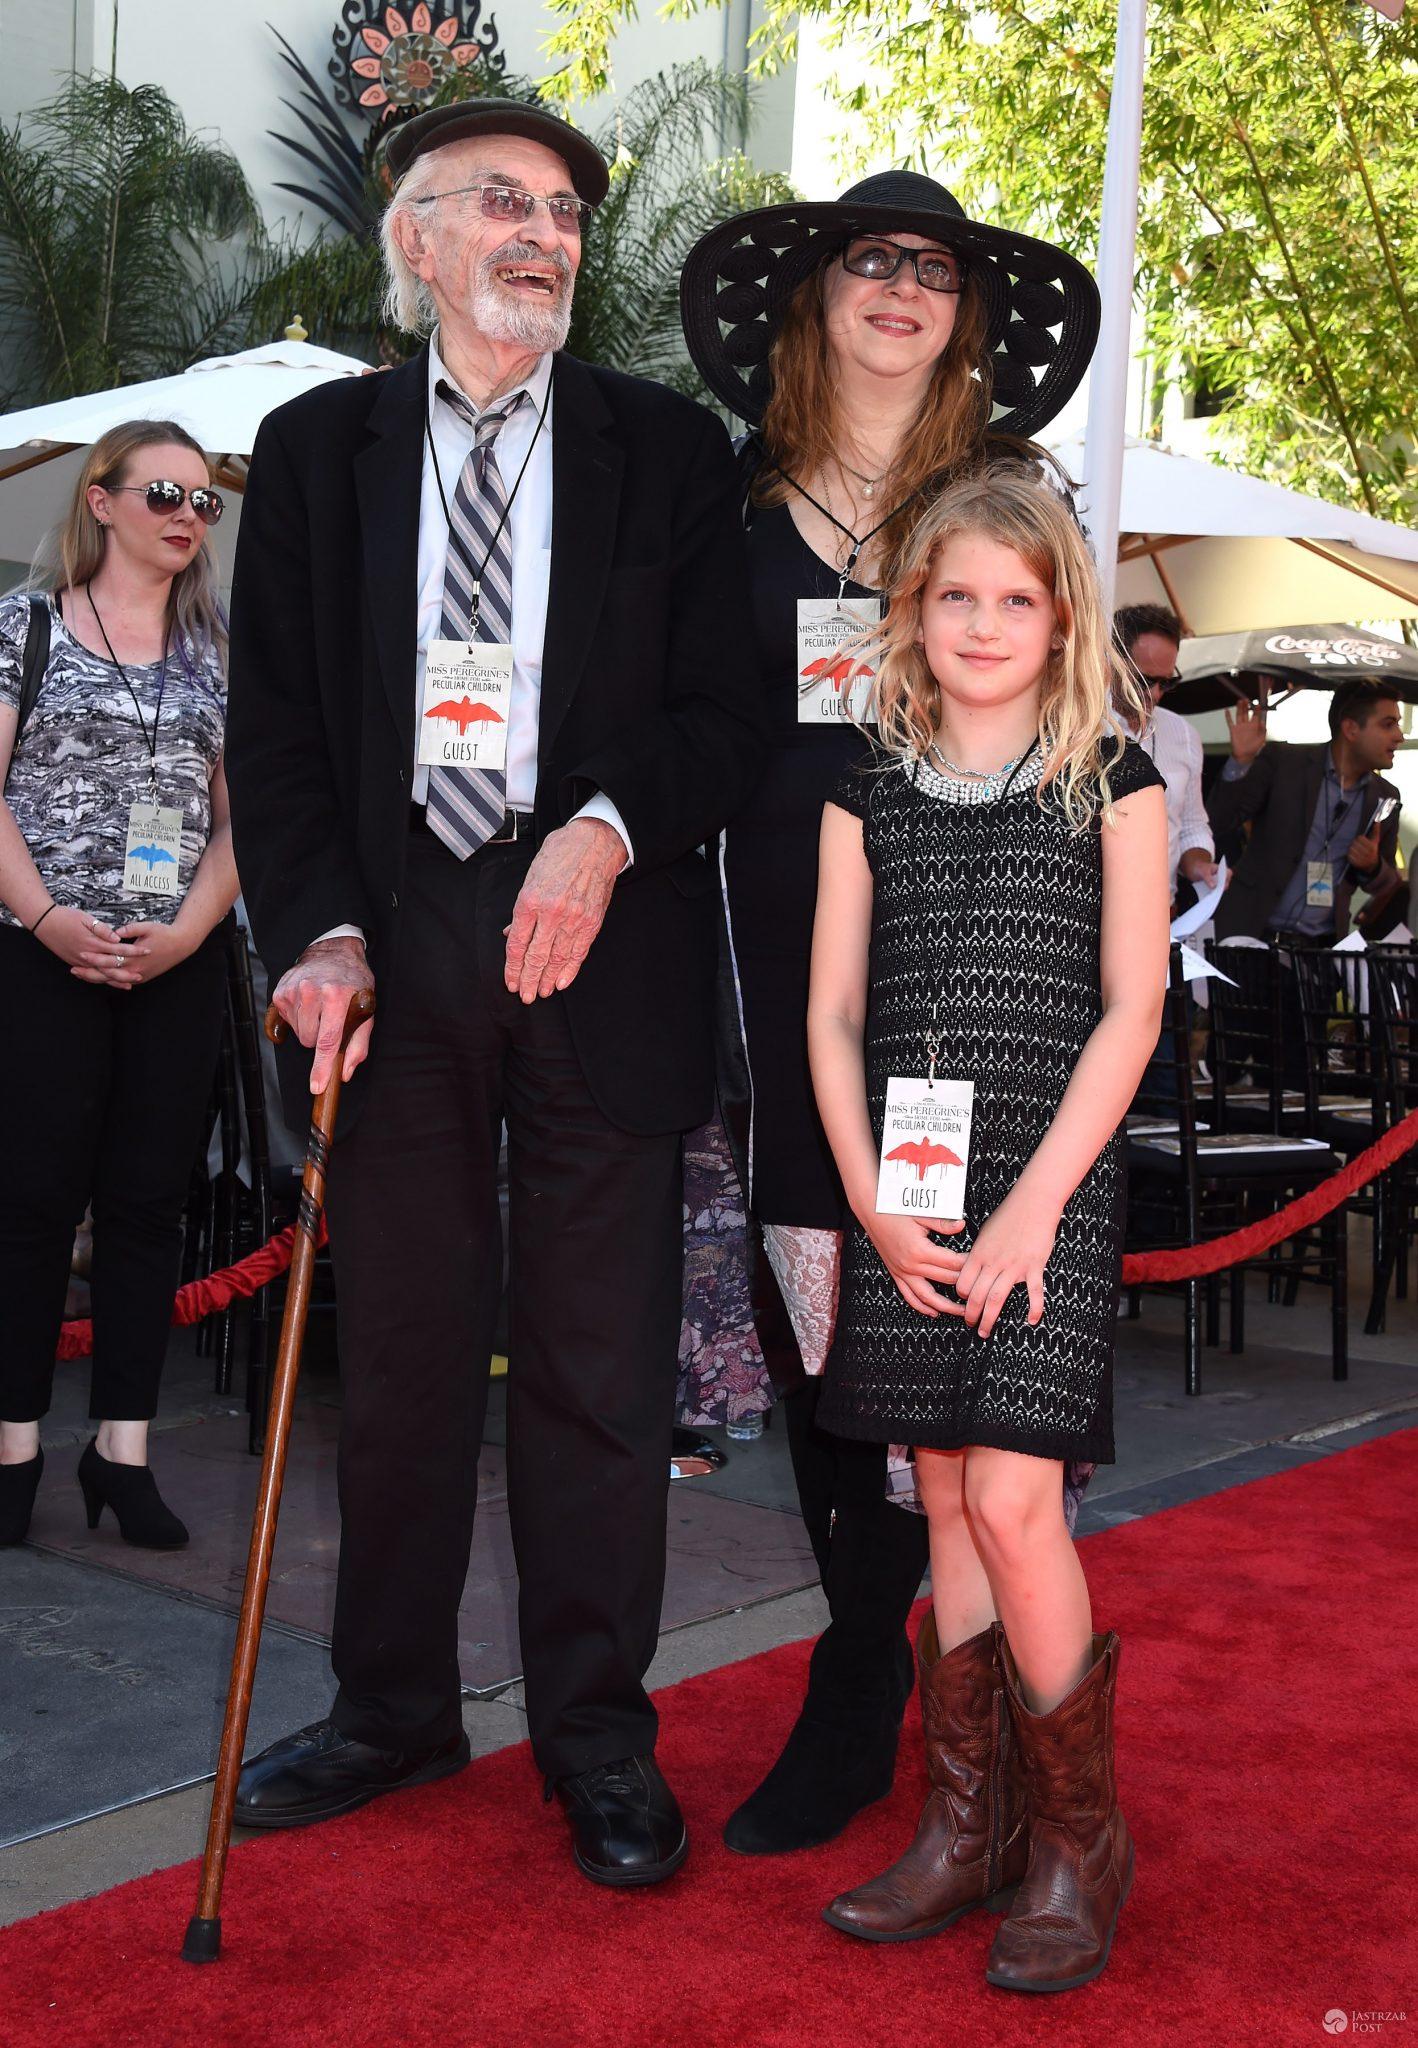 Nie żyje laureat Oscara. Jego legendarną rolę znają chyba wszyscy - Martin Landau śmierć